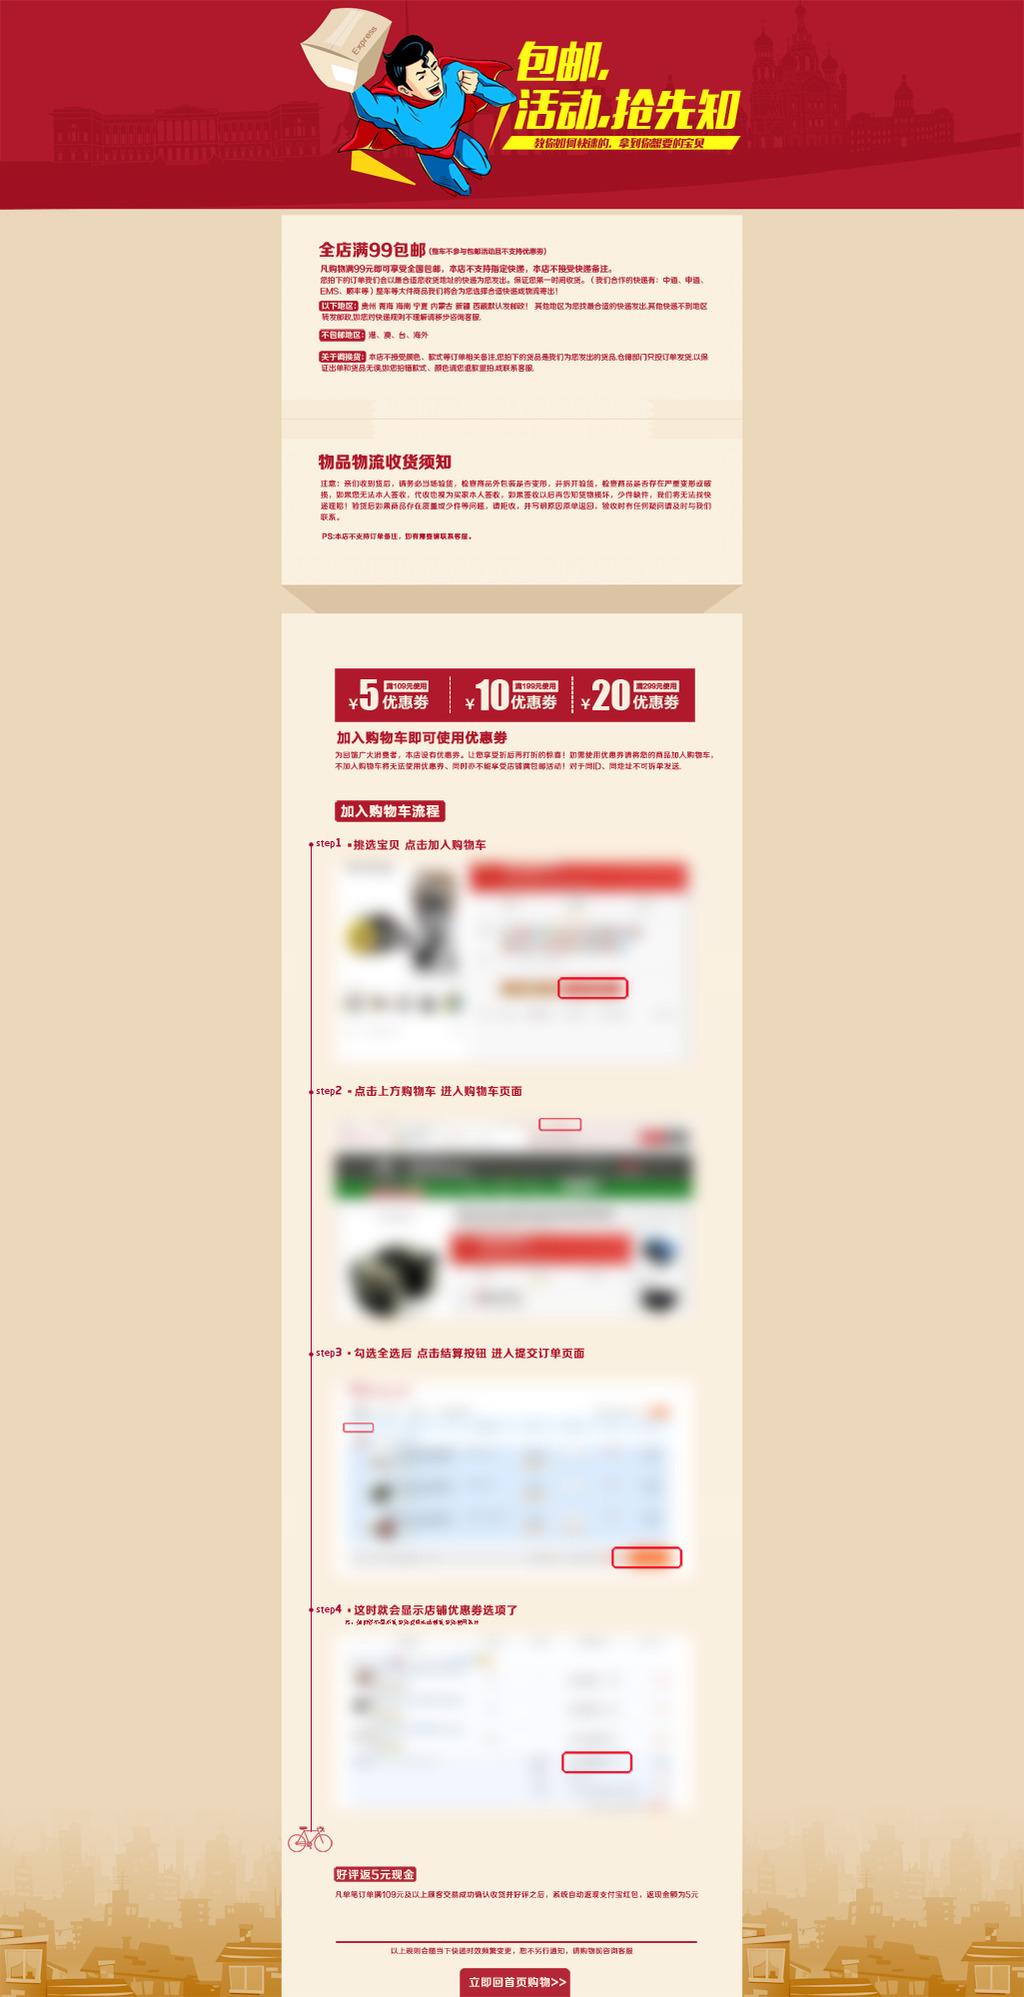 淘宝素材快递活动说明页面高清psd模板下载(图片编号